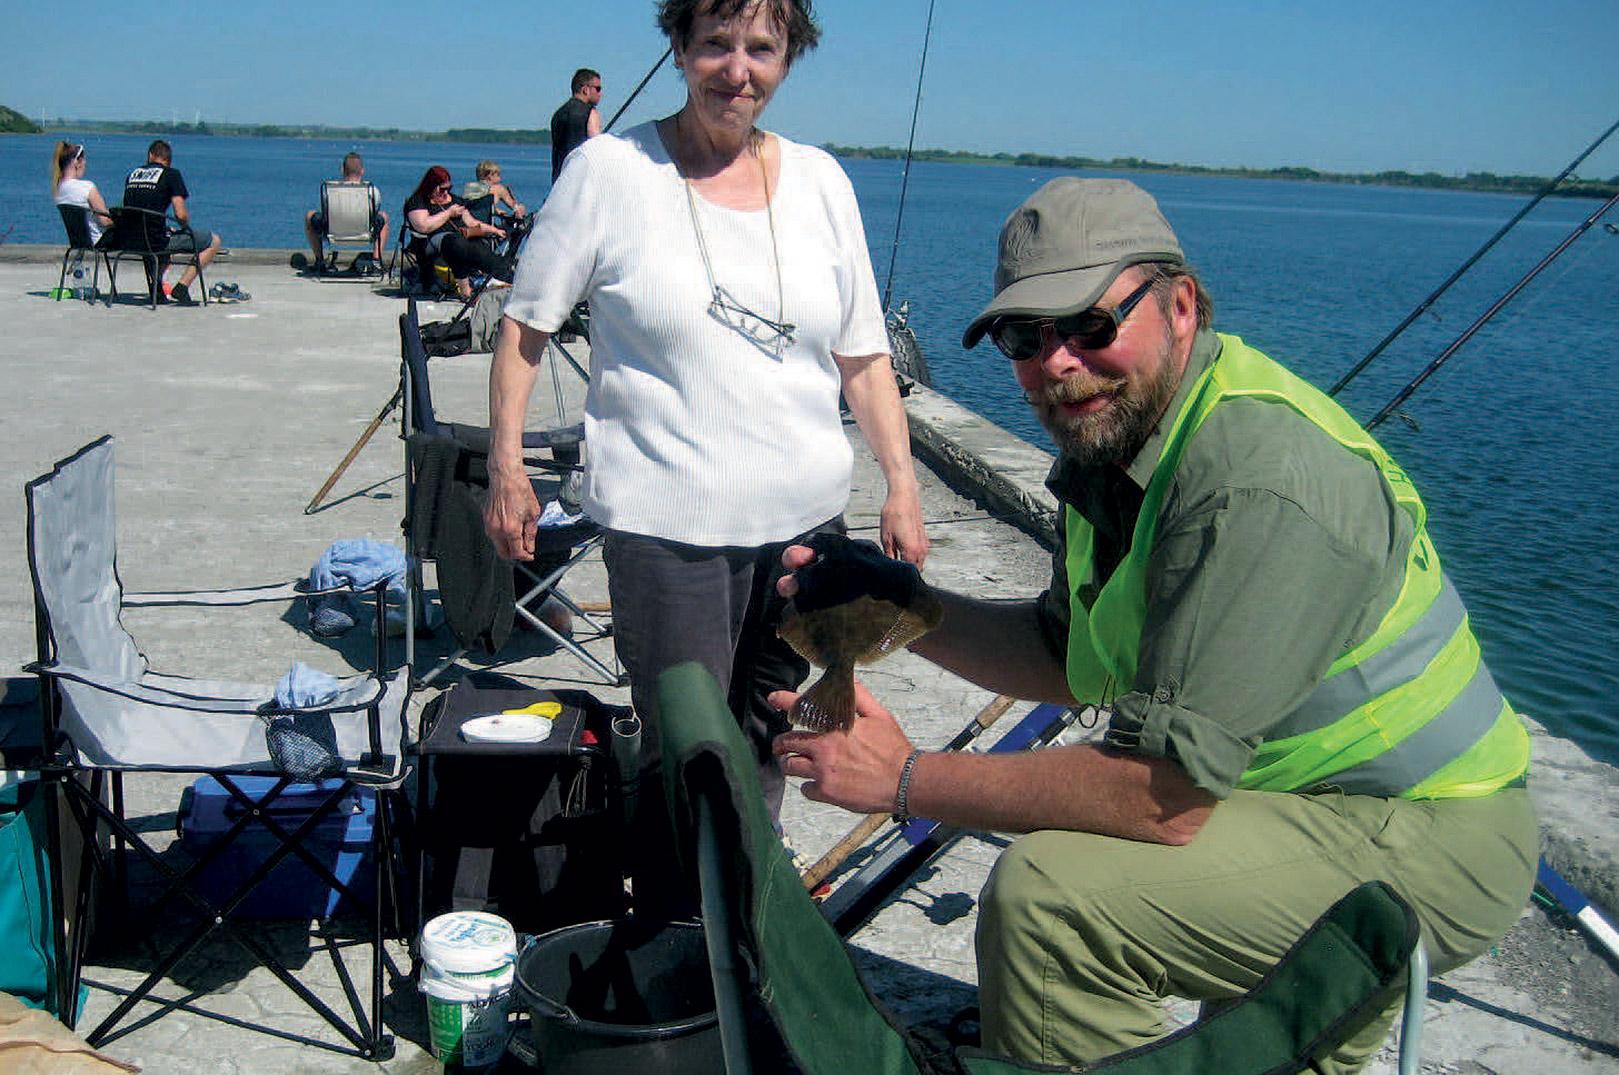 Fiskeriet efter fladfisk i havnene er et super hyggeligt fiskeri, hvor alle kan være med.